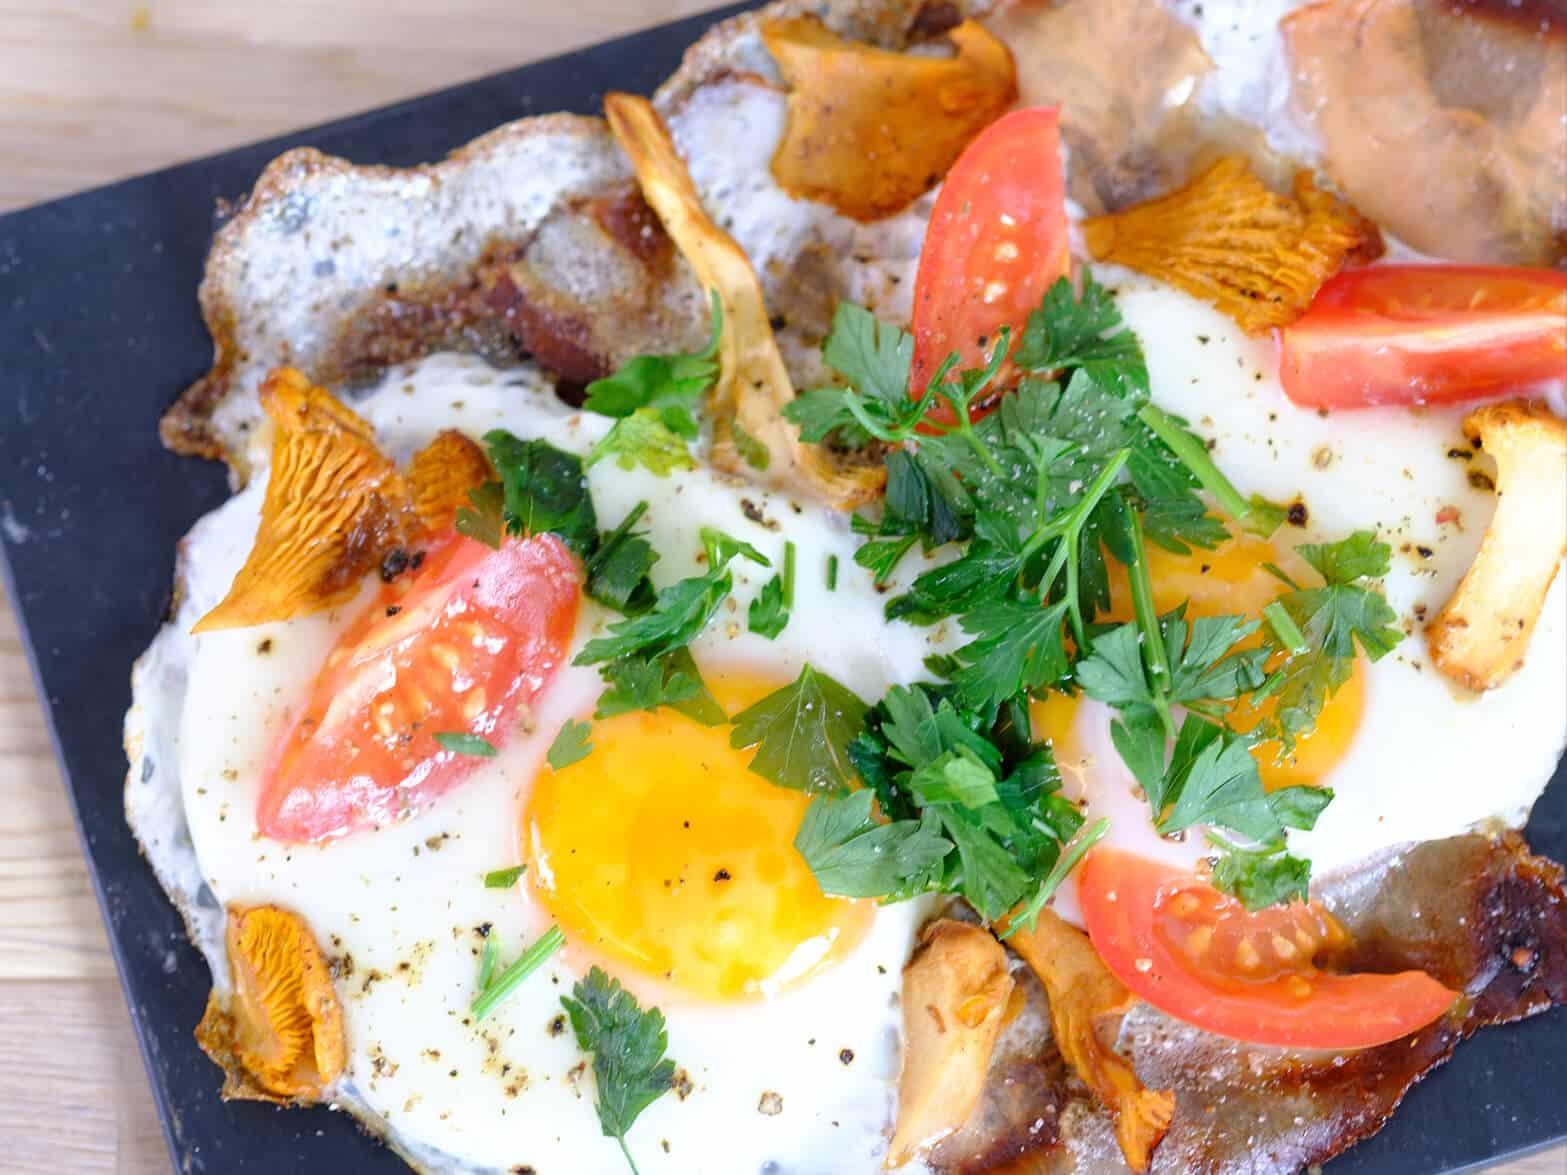 Omlette mit Tomaten und Pilzen, garniert mit Petersilie